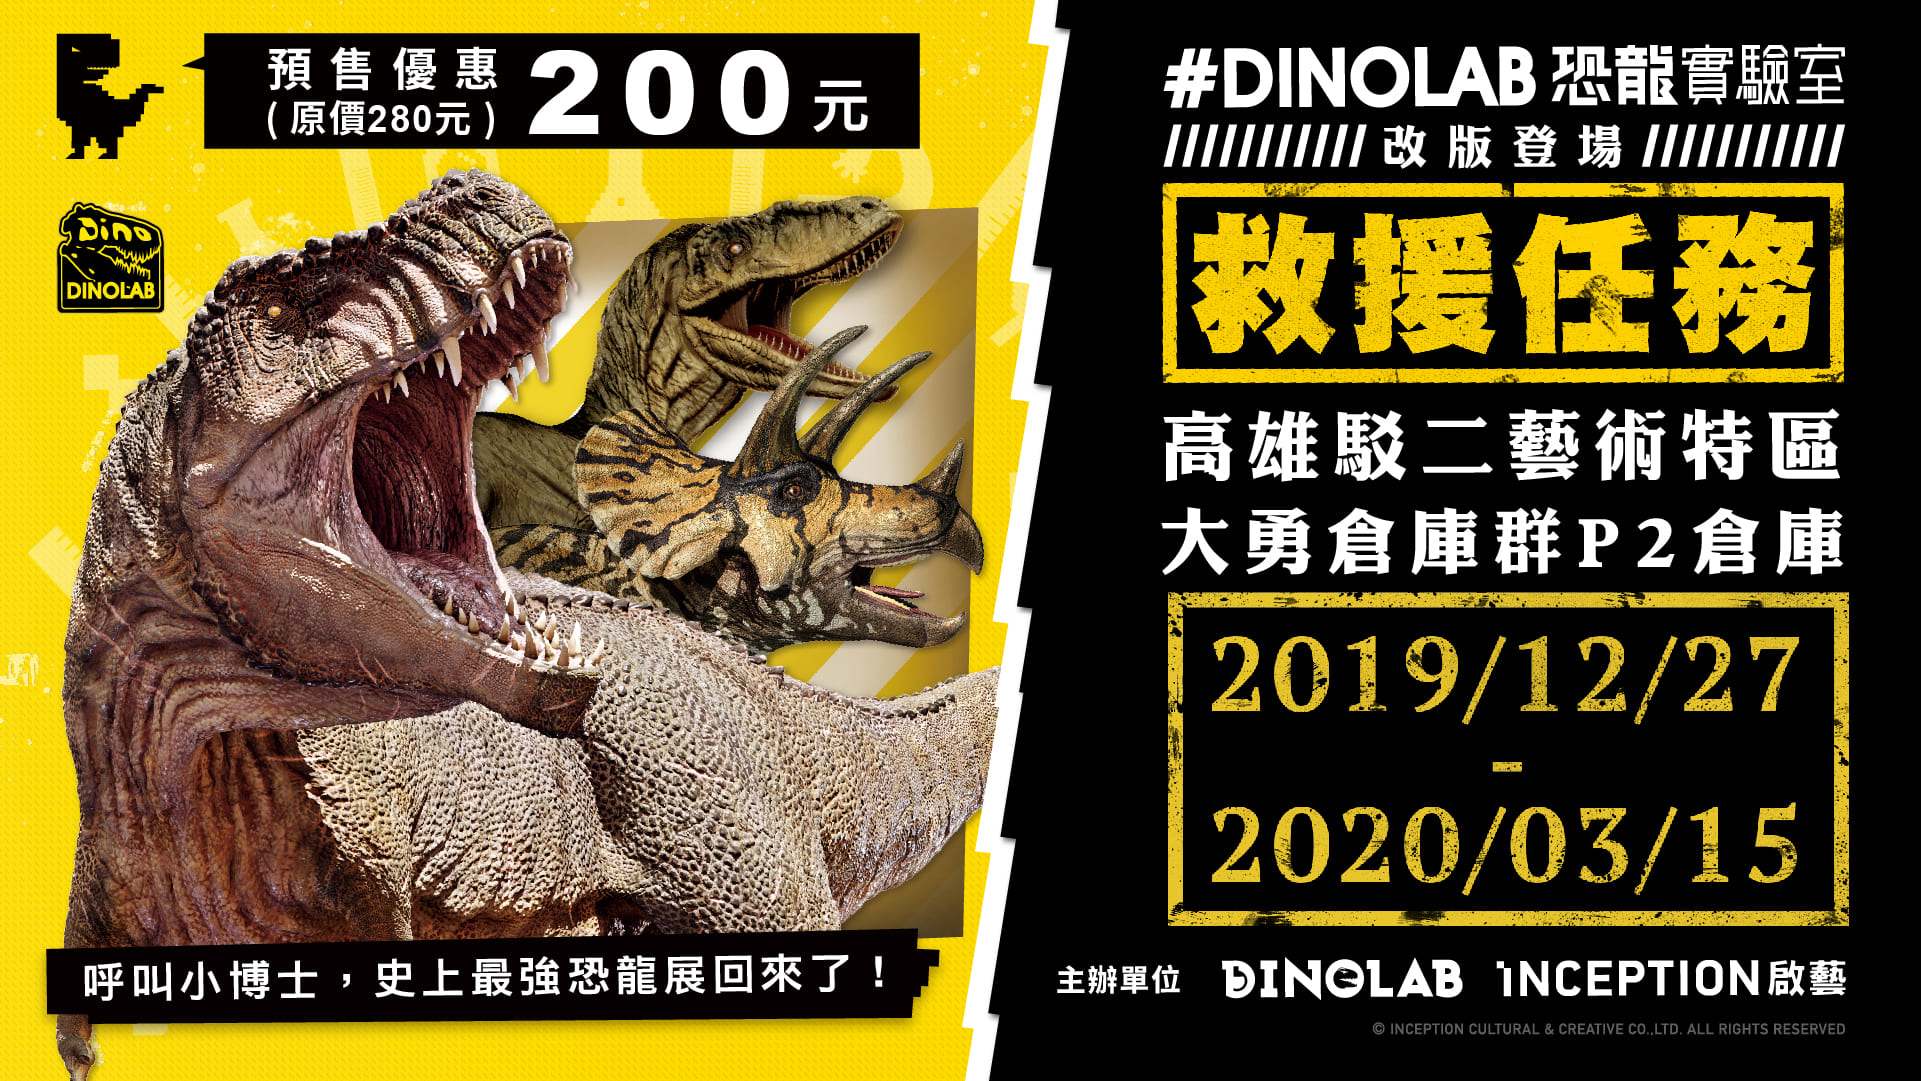 #DINOLAB 恐龍實驗室 - 救援任務